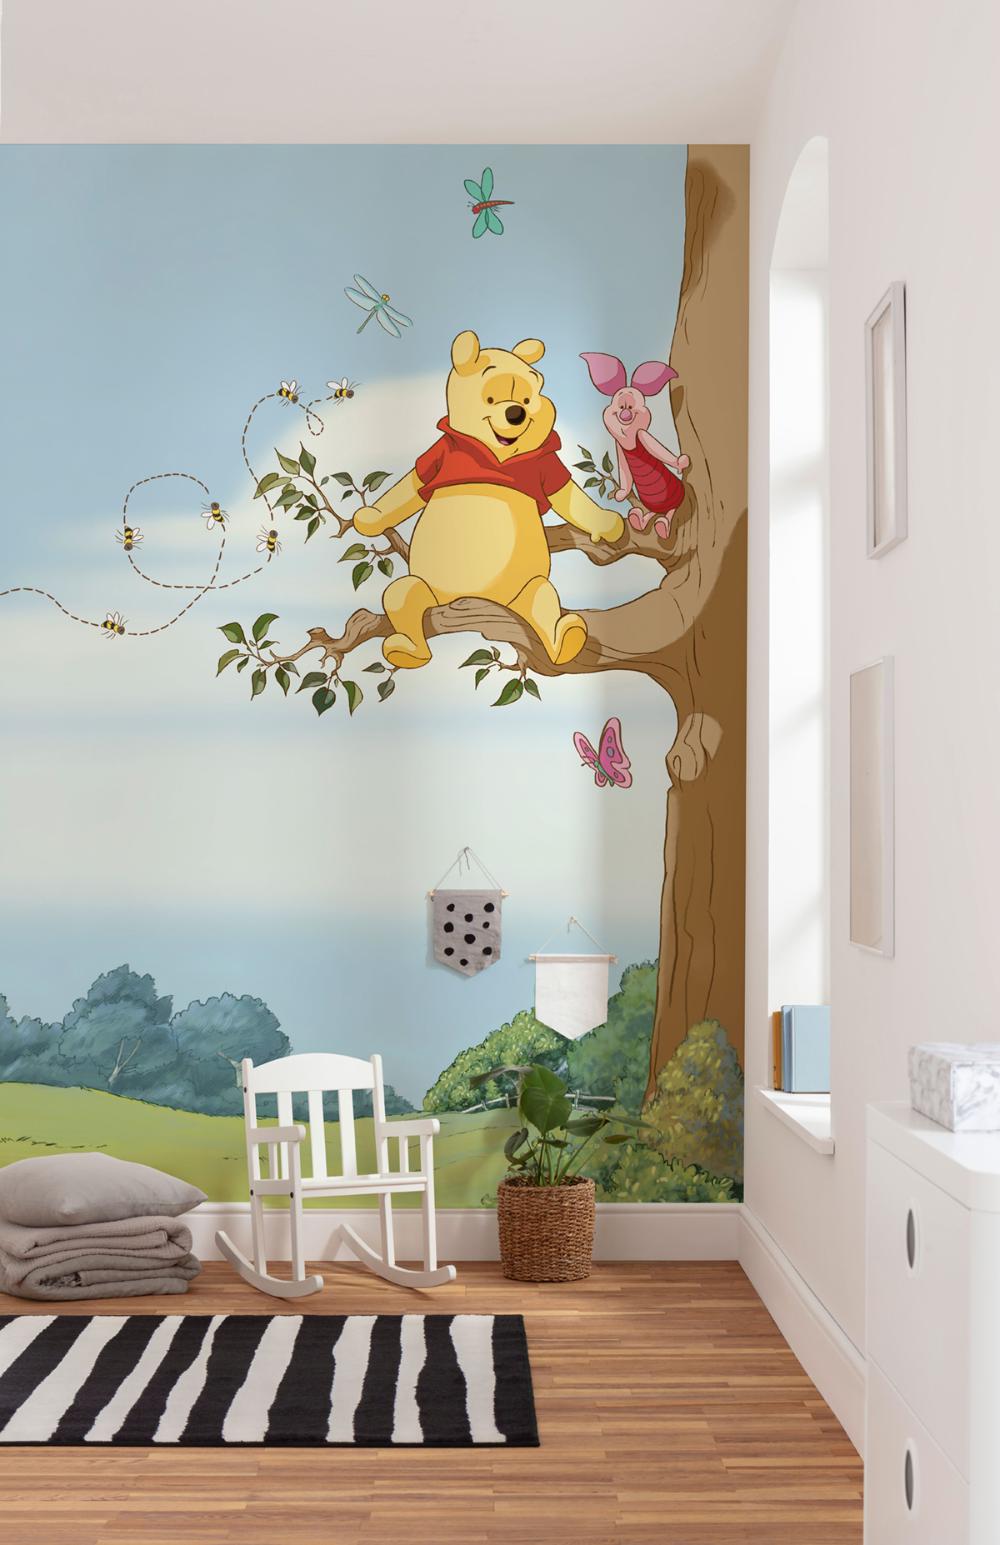 Papier peint enfant Disney Winnie l'Ourson Arbre   Papier peint ...